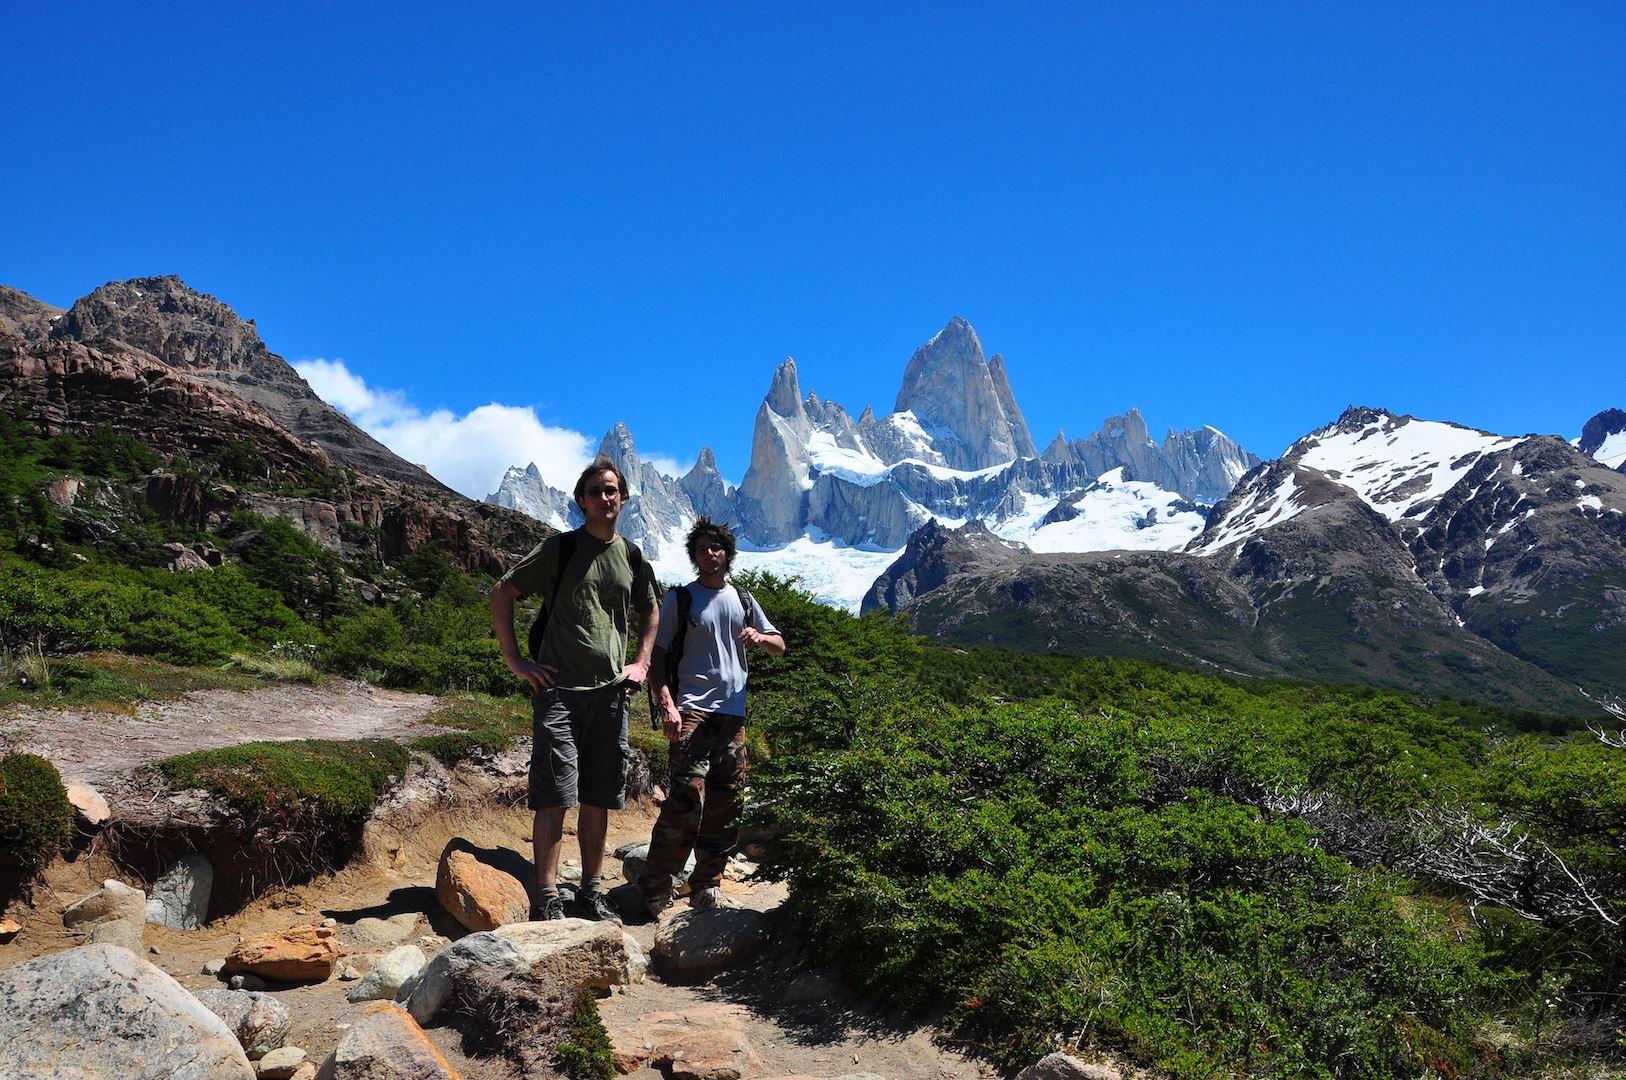 Adventure Trekking at El Chalten from El Calafate